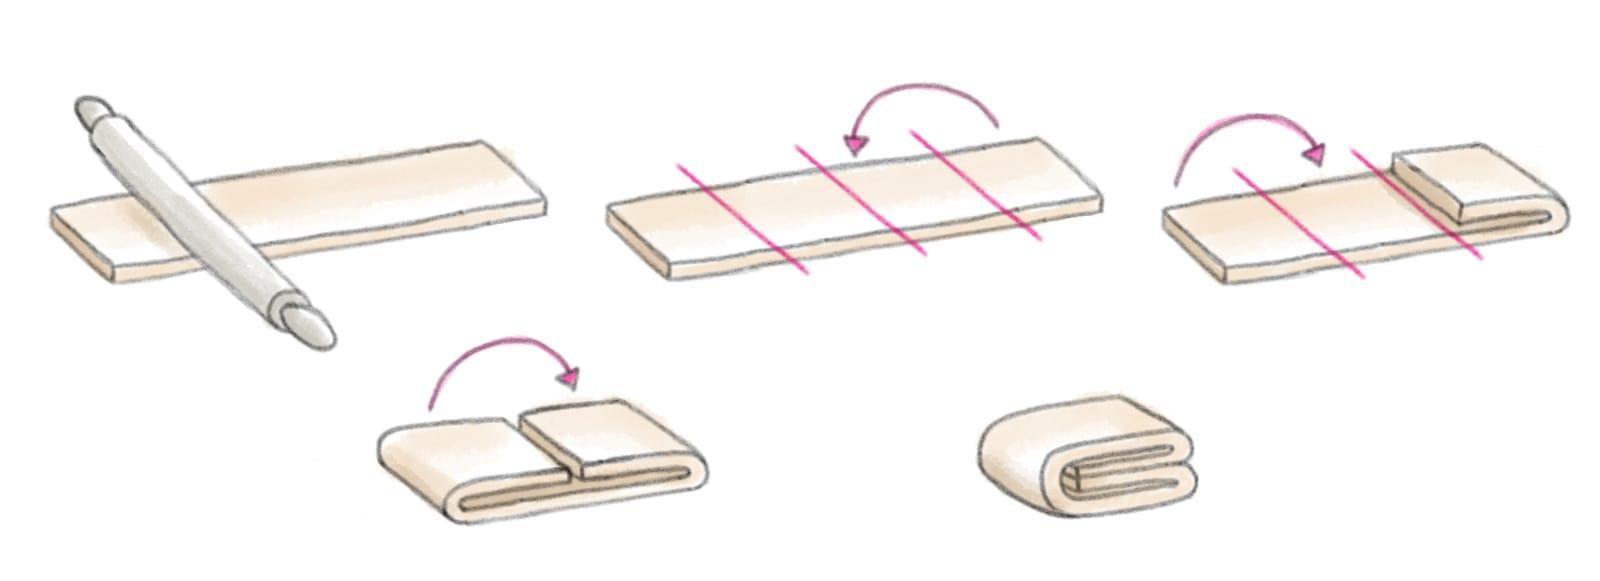 Explication du tour double pour la recette de la pâte feuilletée inversée.